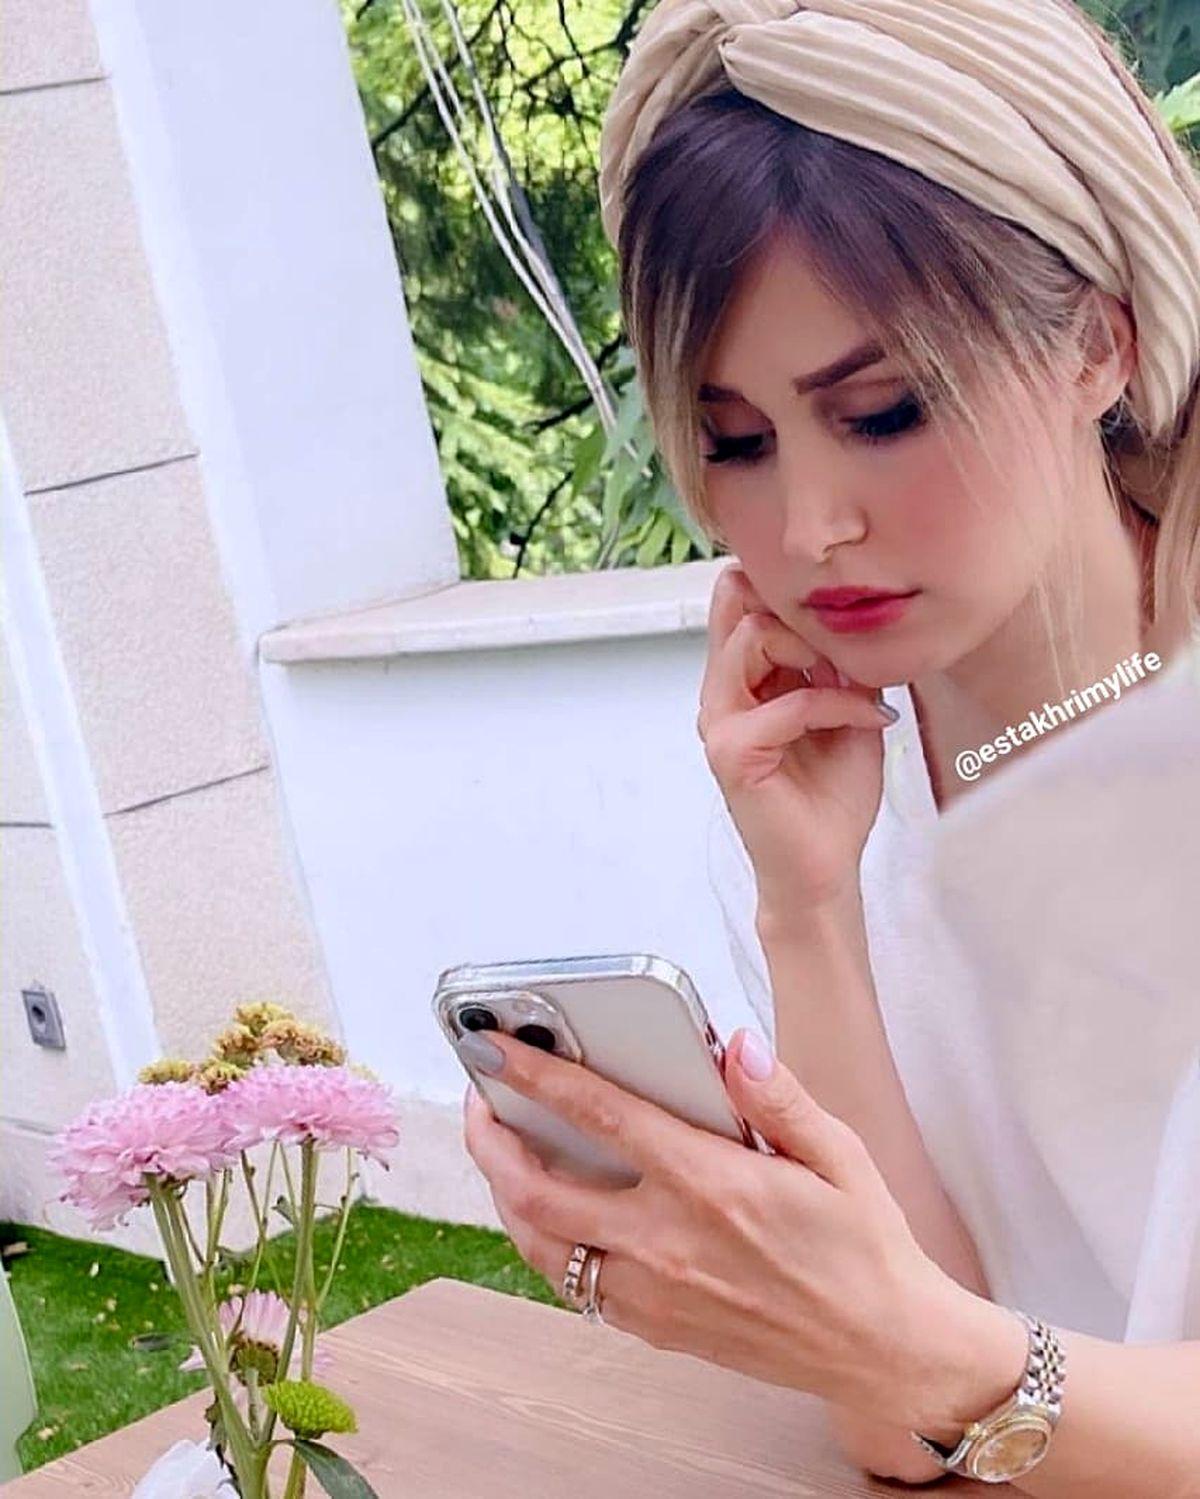 عکس بی حجاب همسر شاهرخ استخری در خانه ای زیبا